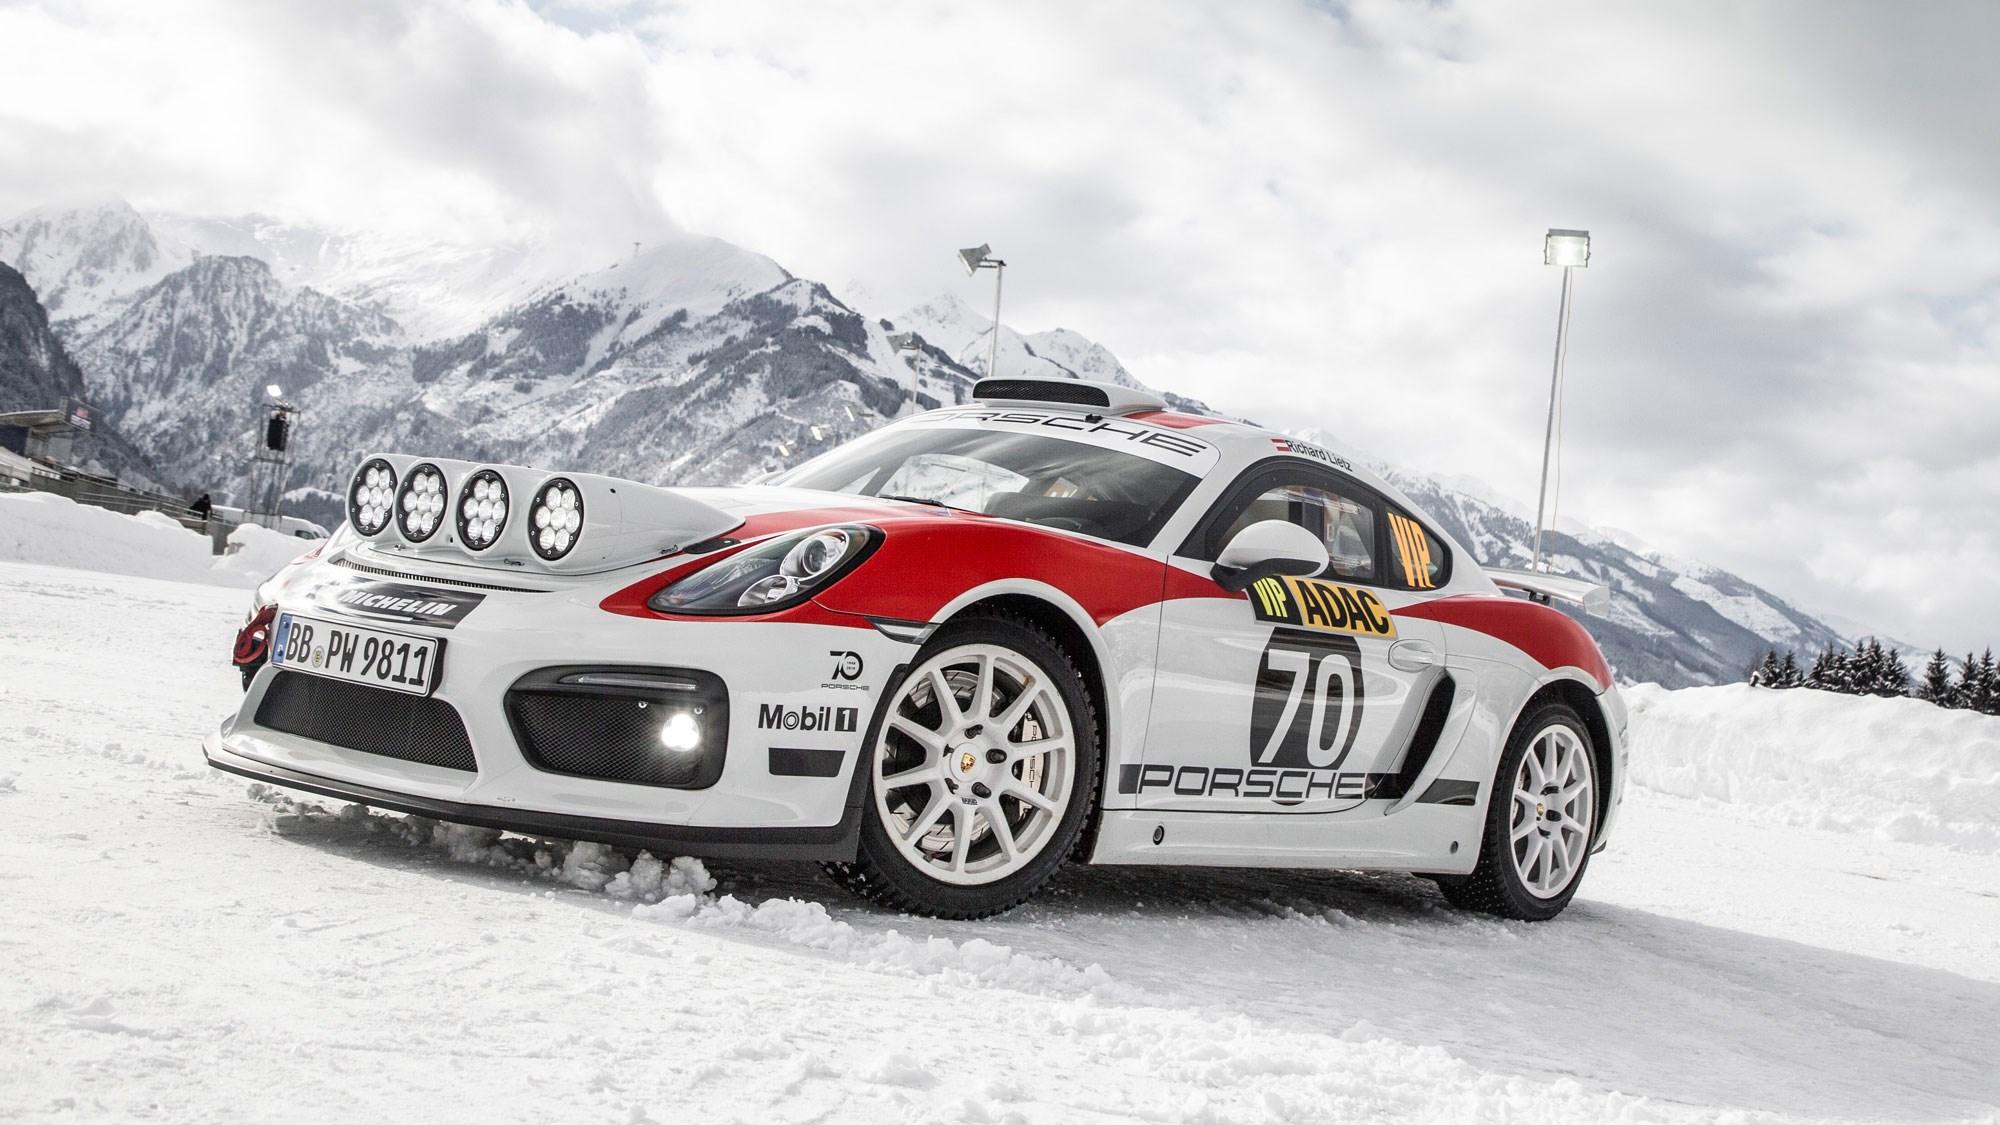 Porsche Cayman GT4 Clubsport rally car